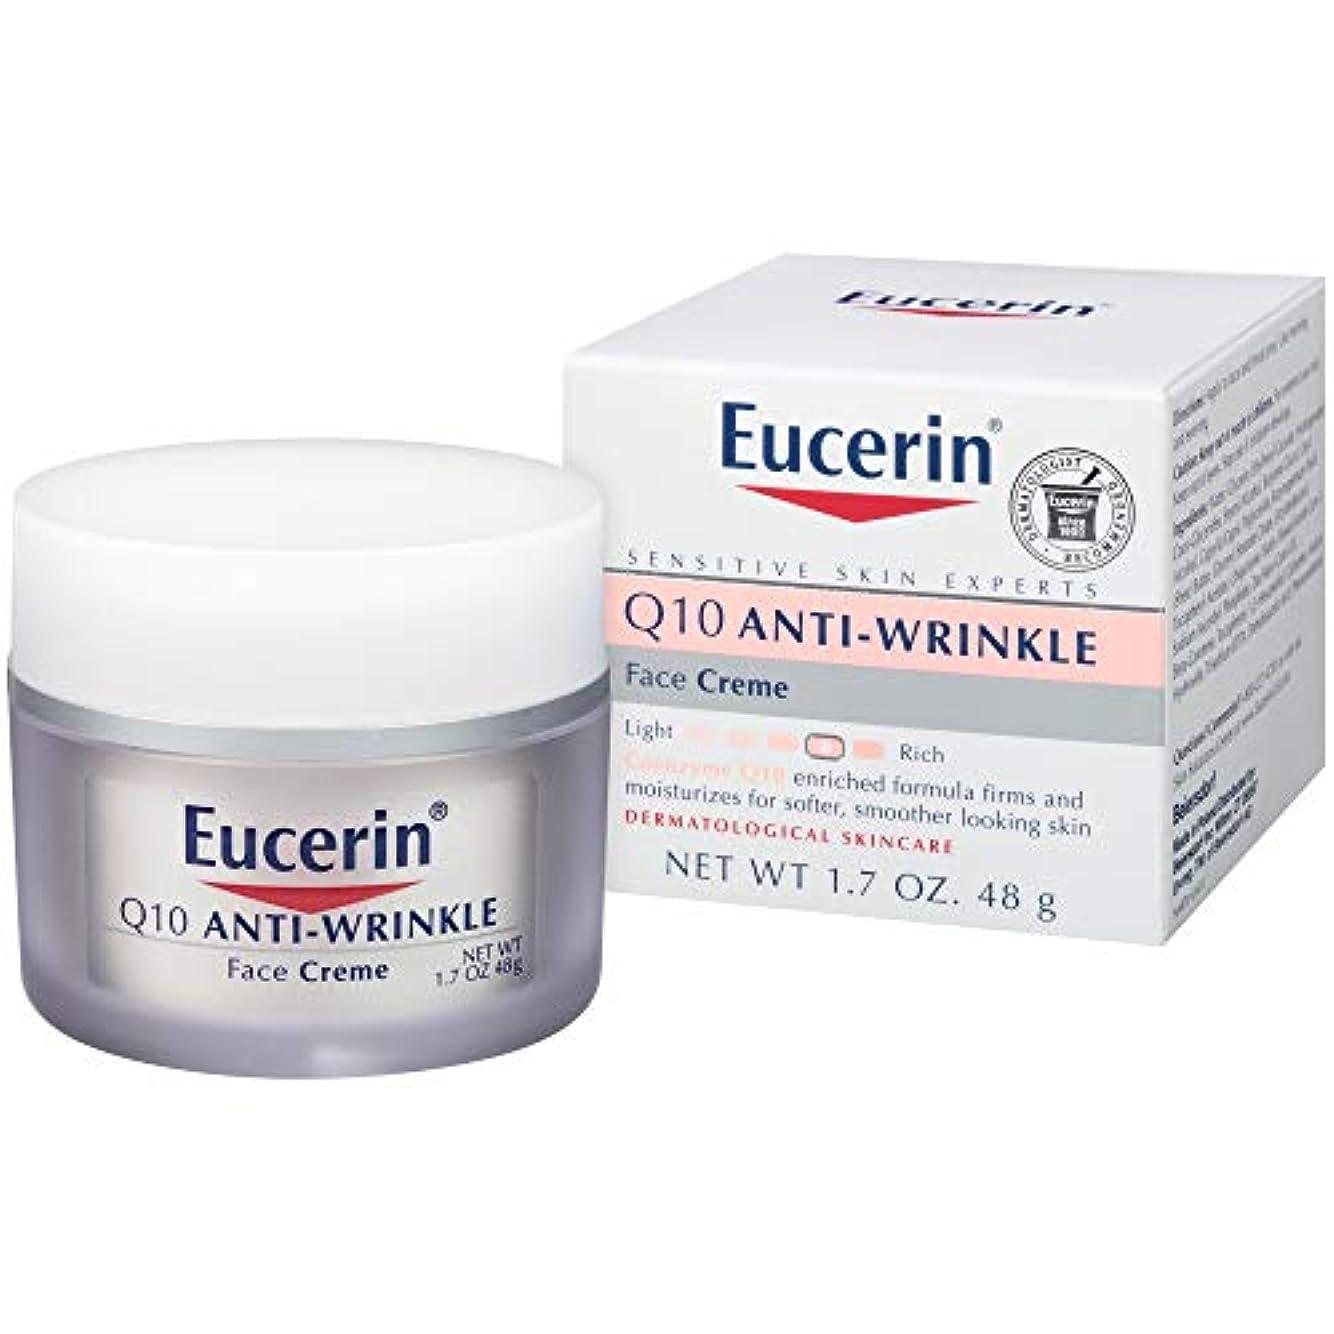 影響力のある汚染舌なEucerin Sensitive Facial Skin Q10 Anti-Wrinkle Sensitive Skin Creme 48g (並行輸入品)